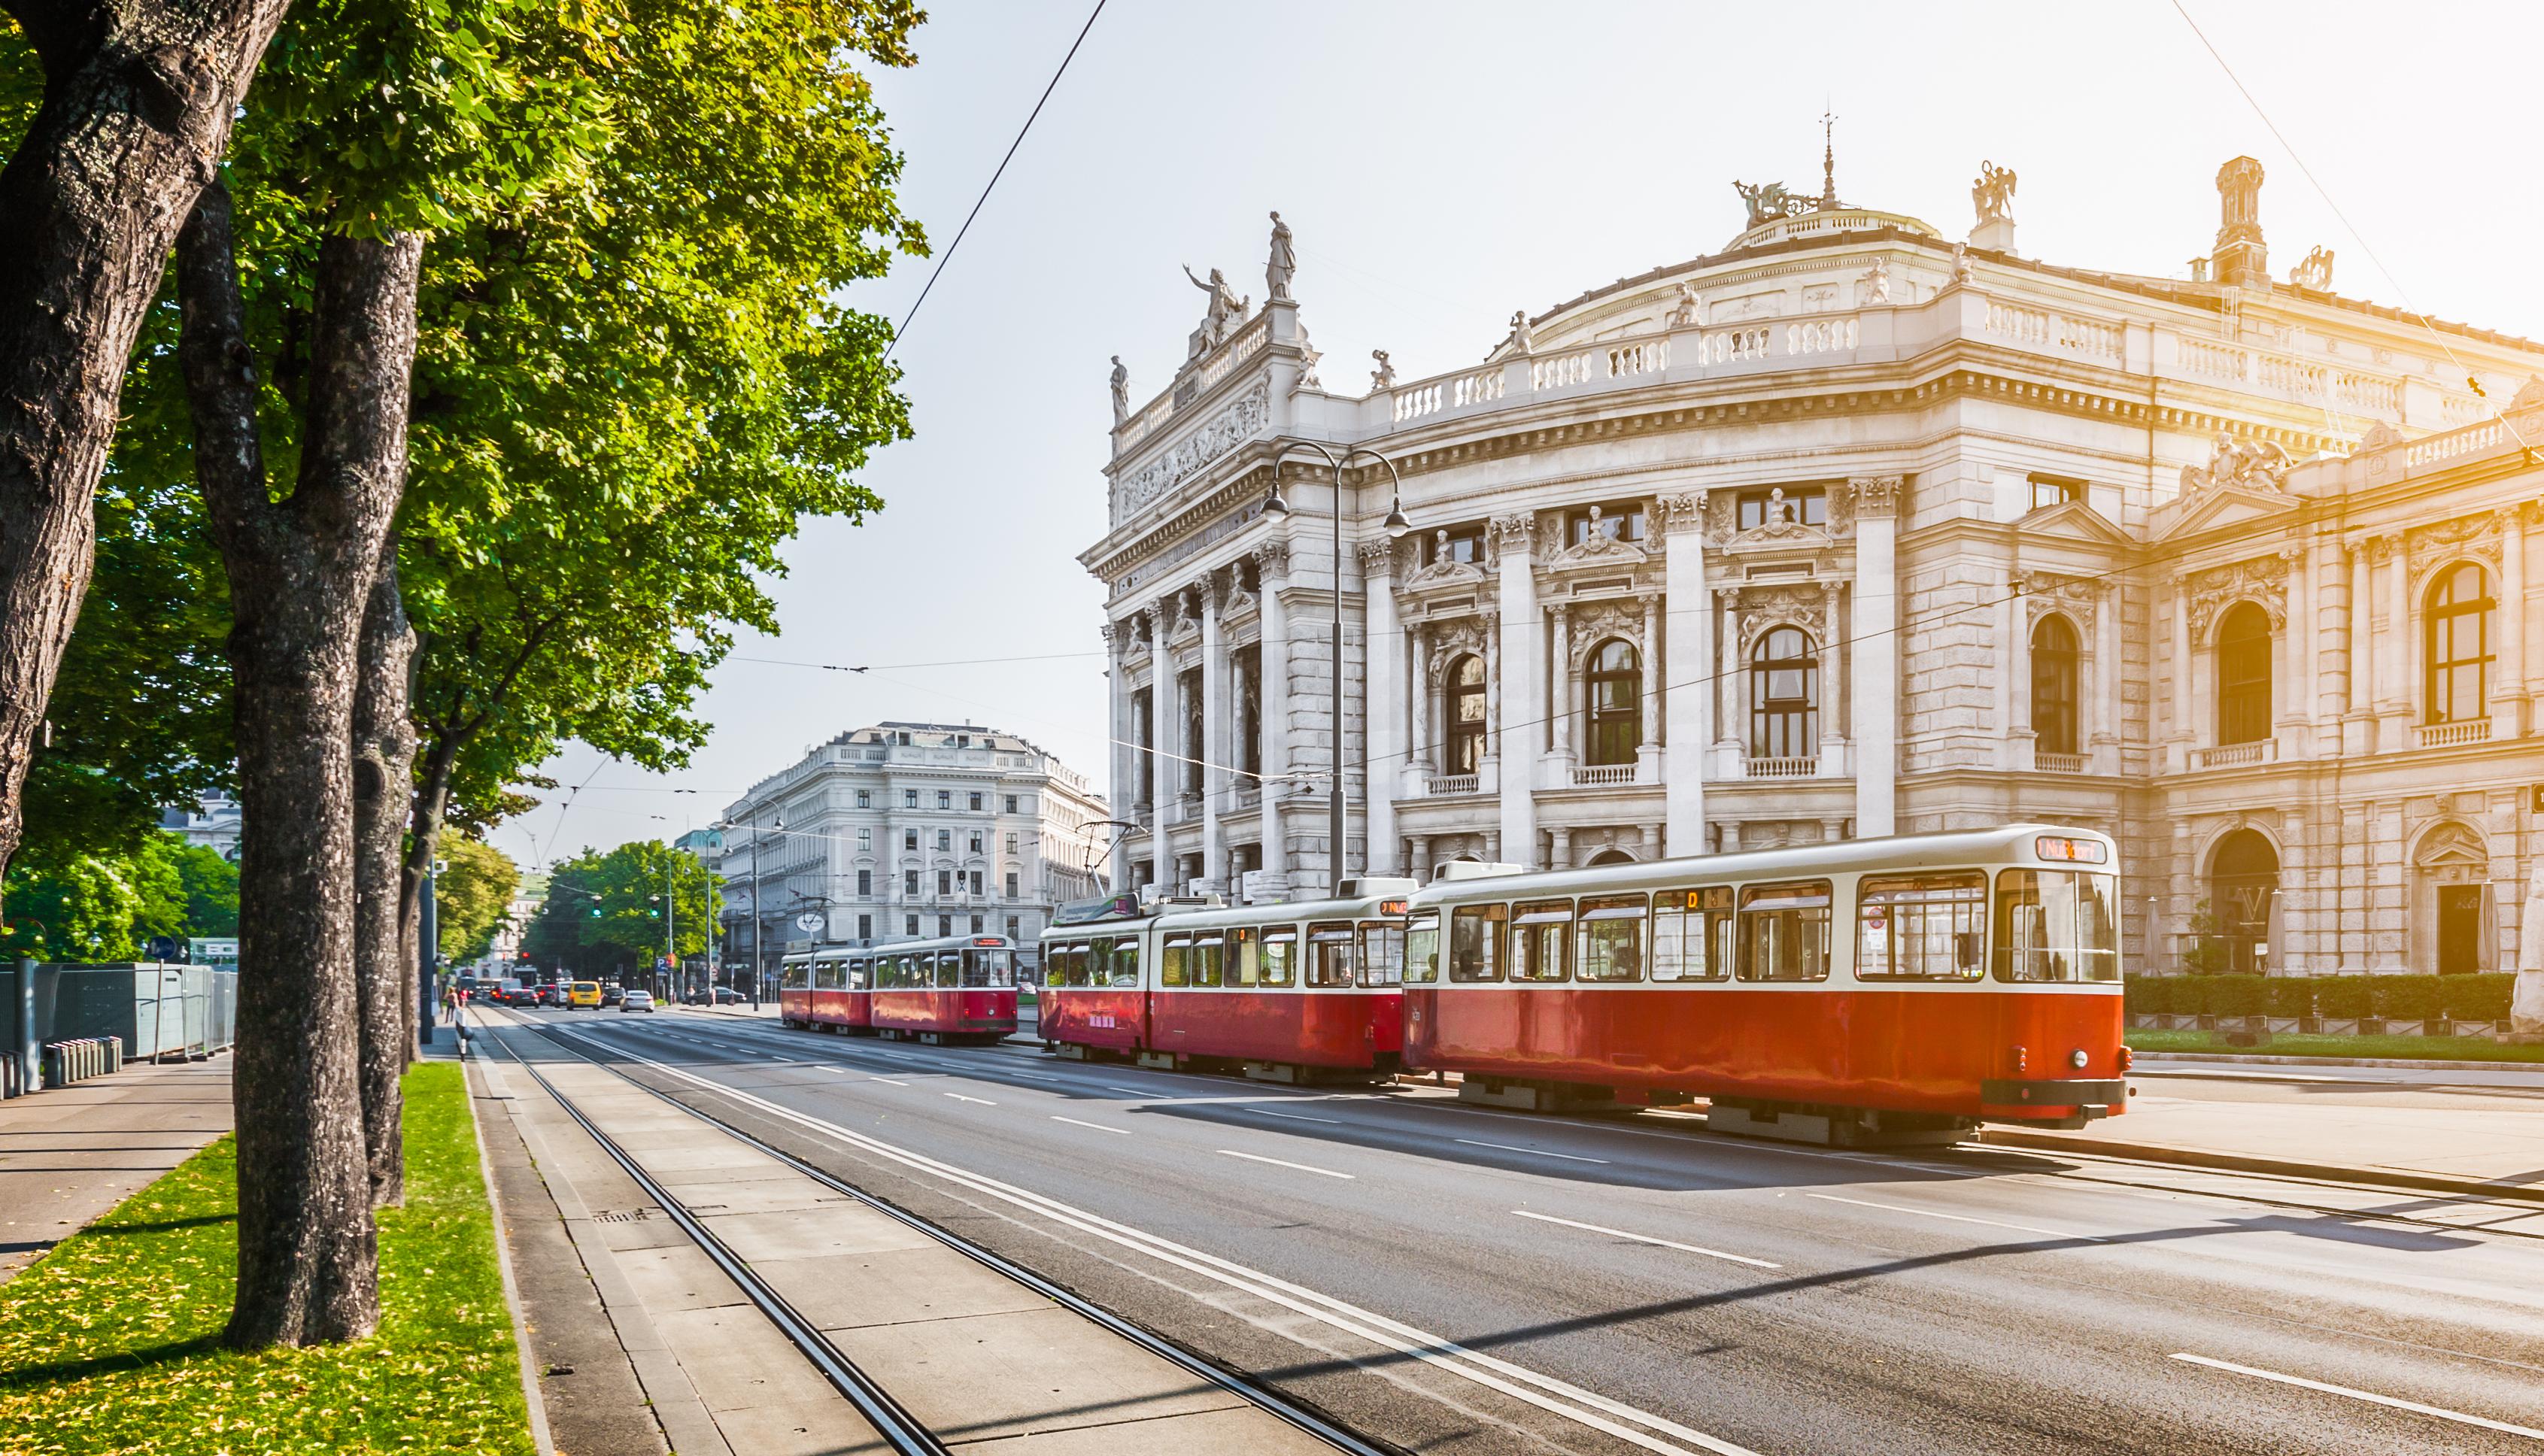 Oh, du schönes Wien!